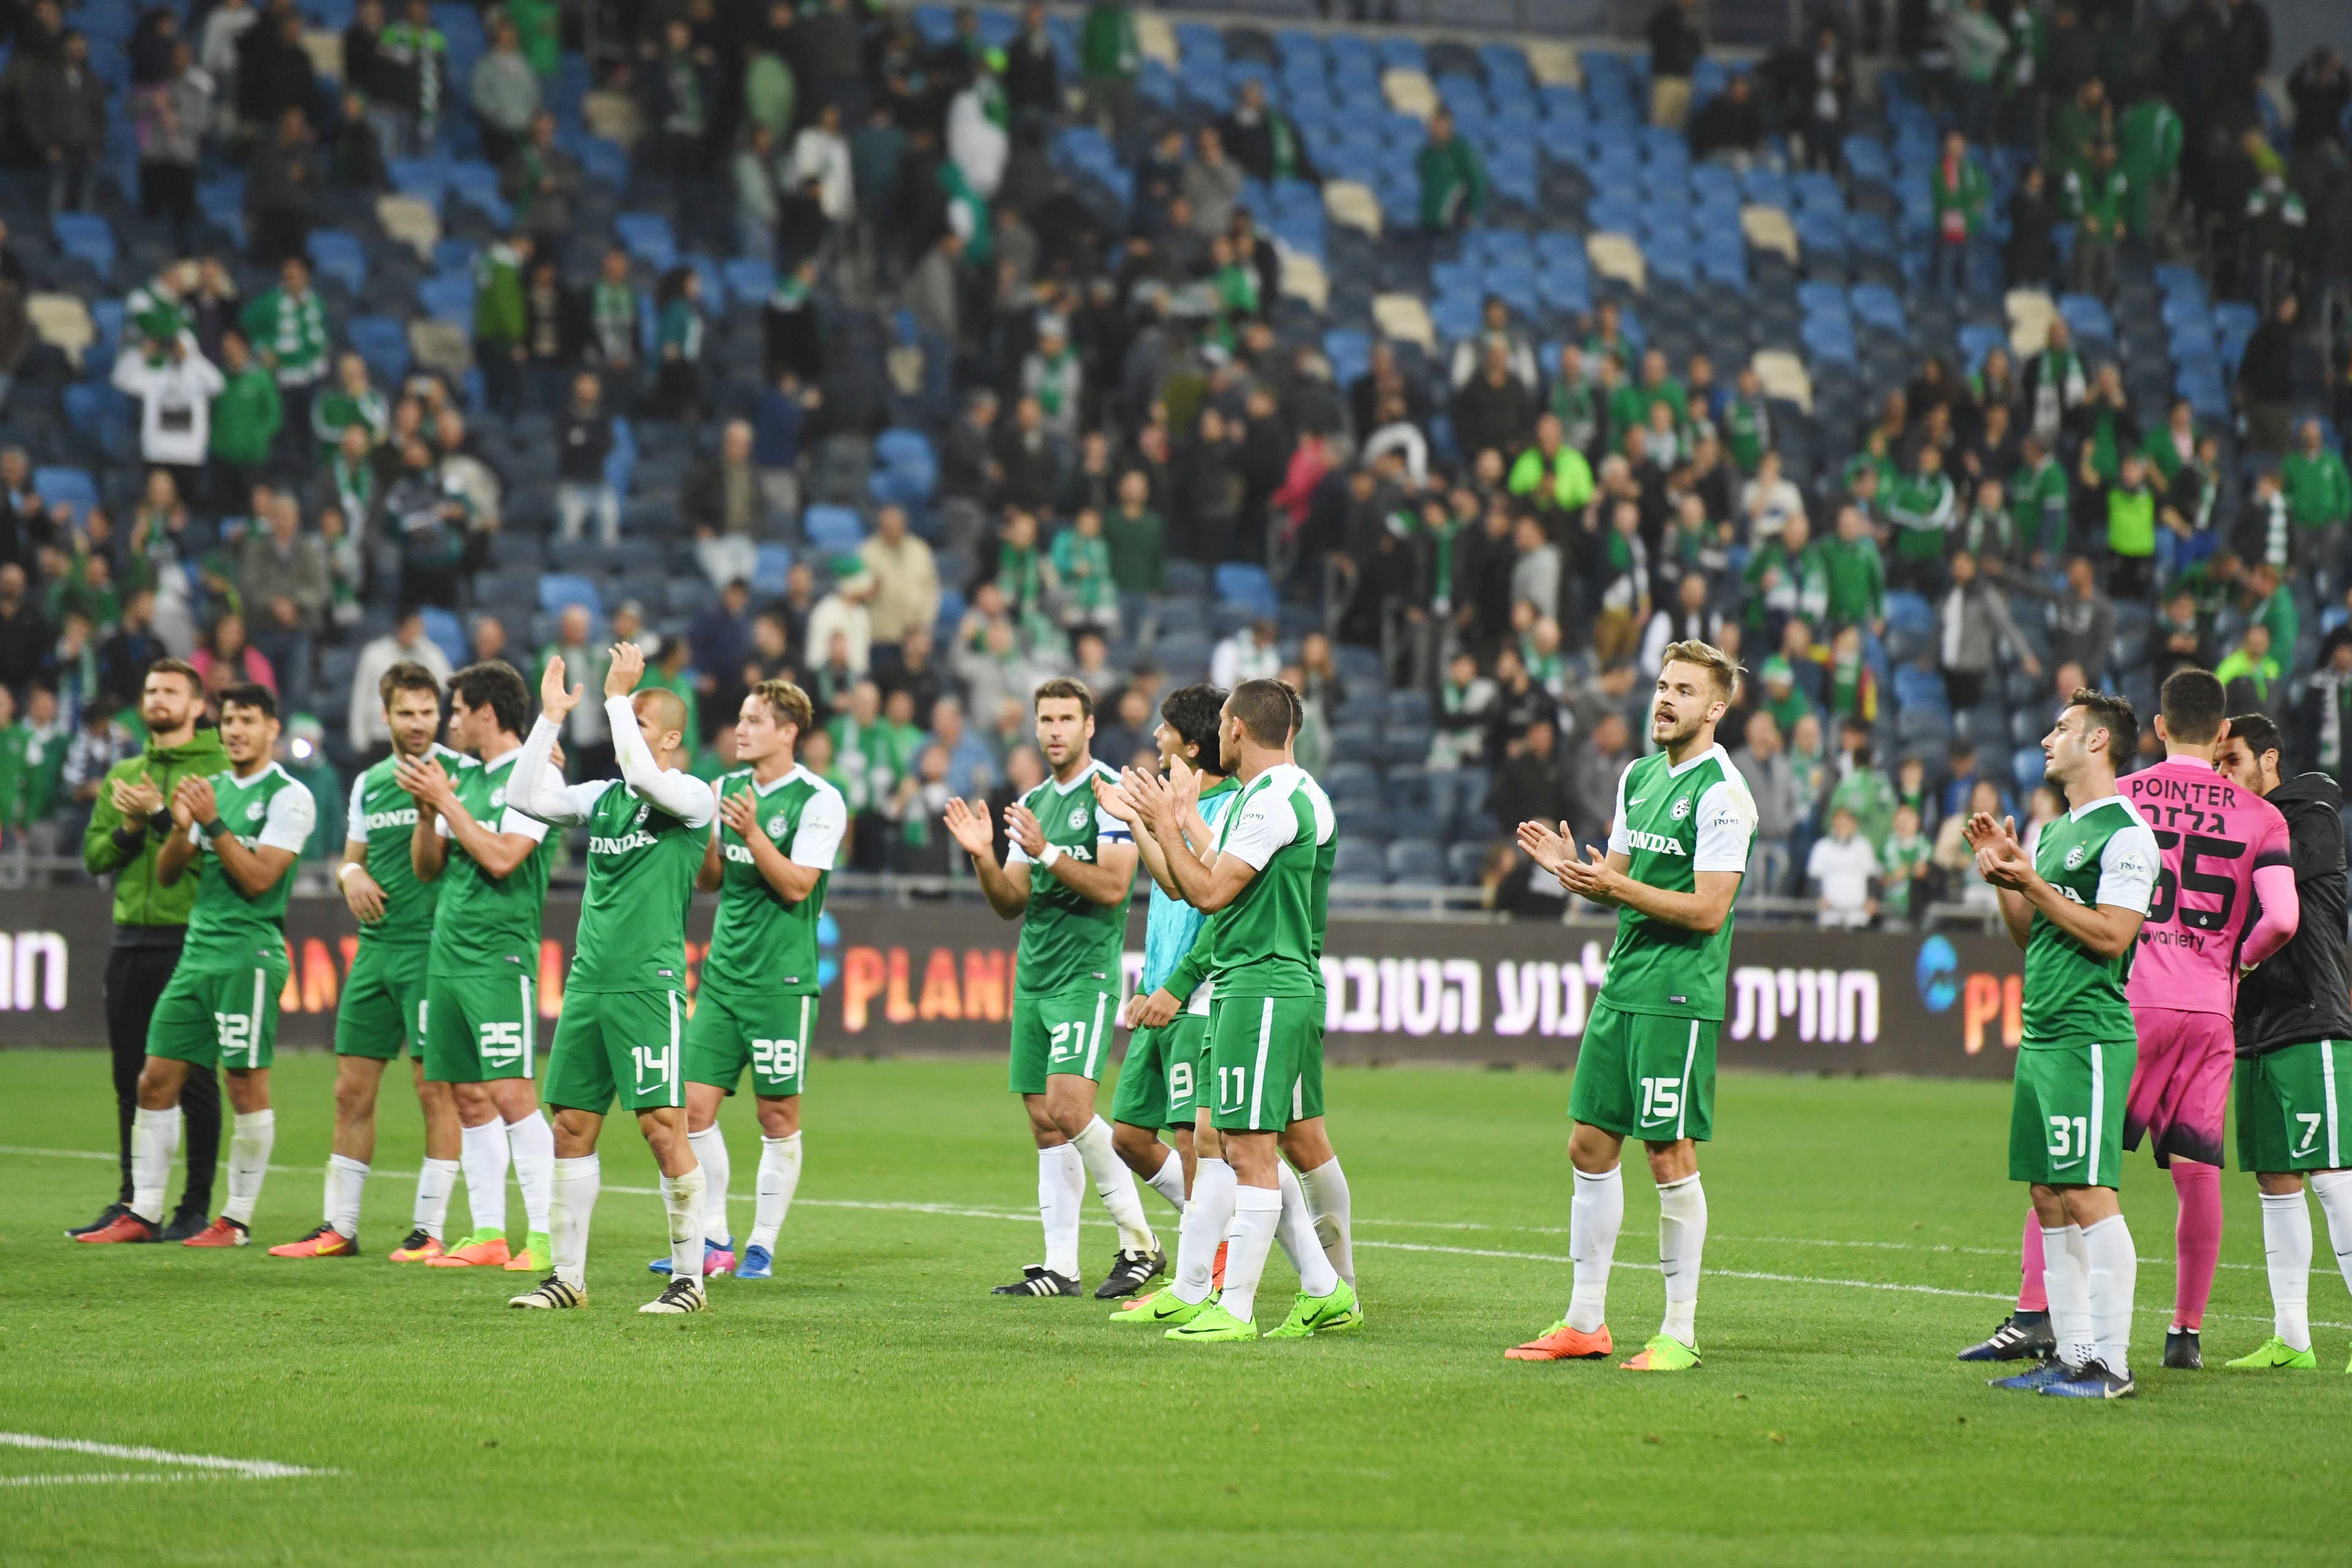 שחקני מכבי חיפה מודים לקהל. שמחה מאופקת (צילום: צלמוס)